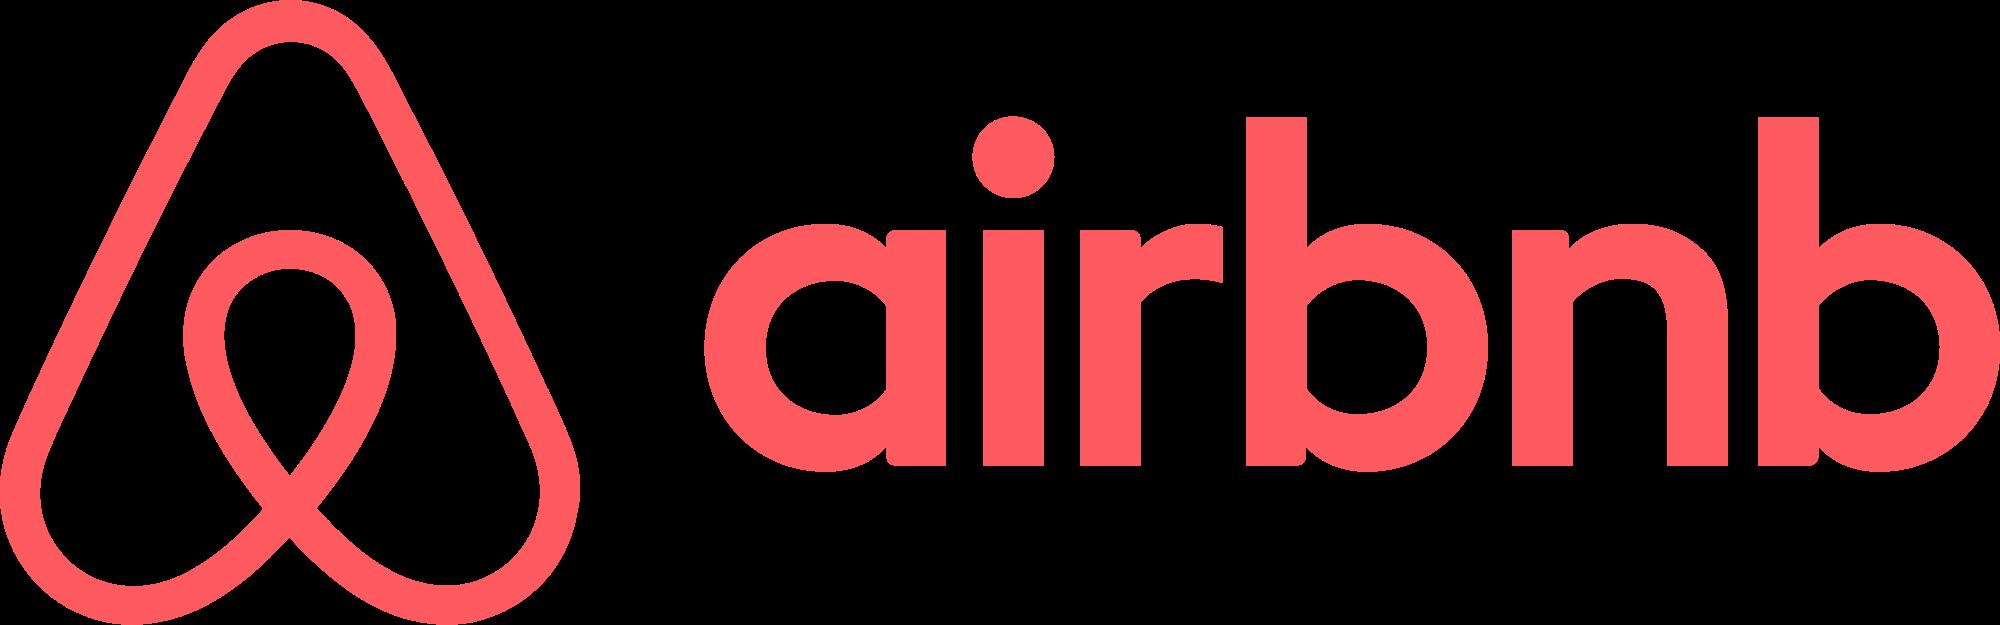 Déclarer et comptabiliser ses revenus locatifs AIRBN sur Paris